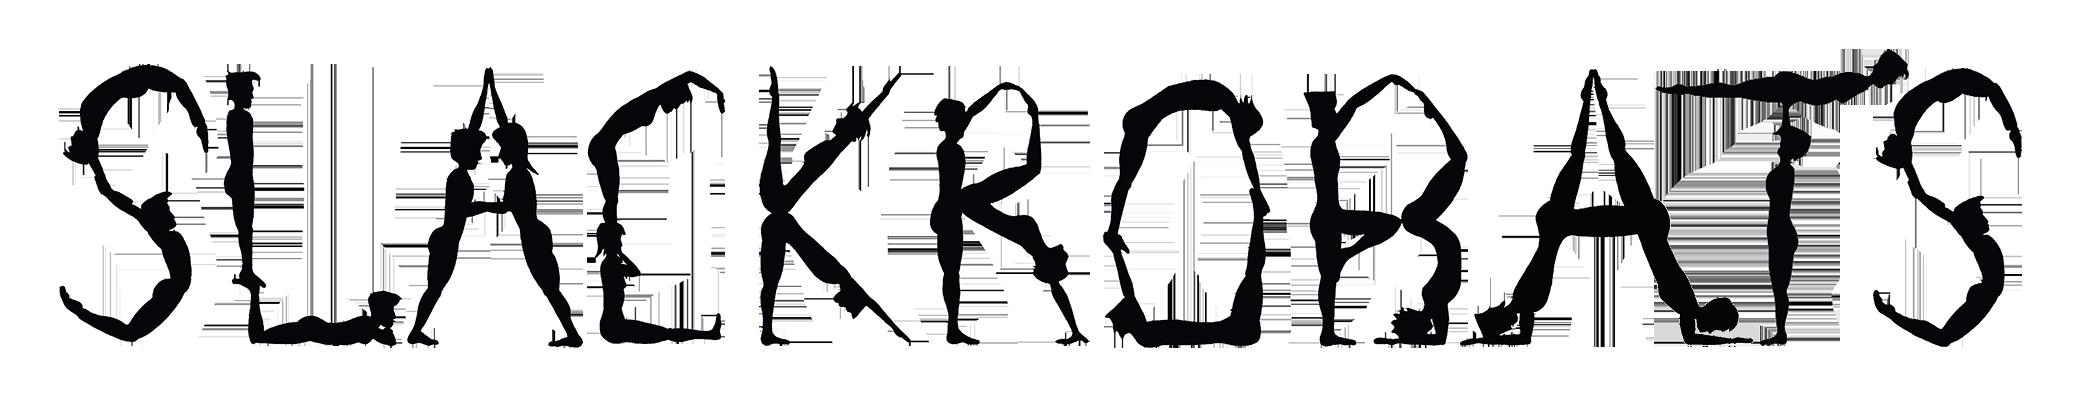 transparent slackline montreal logo.png